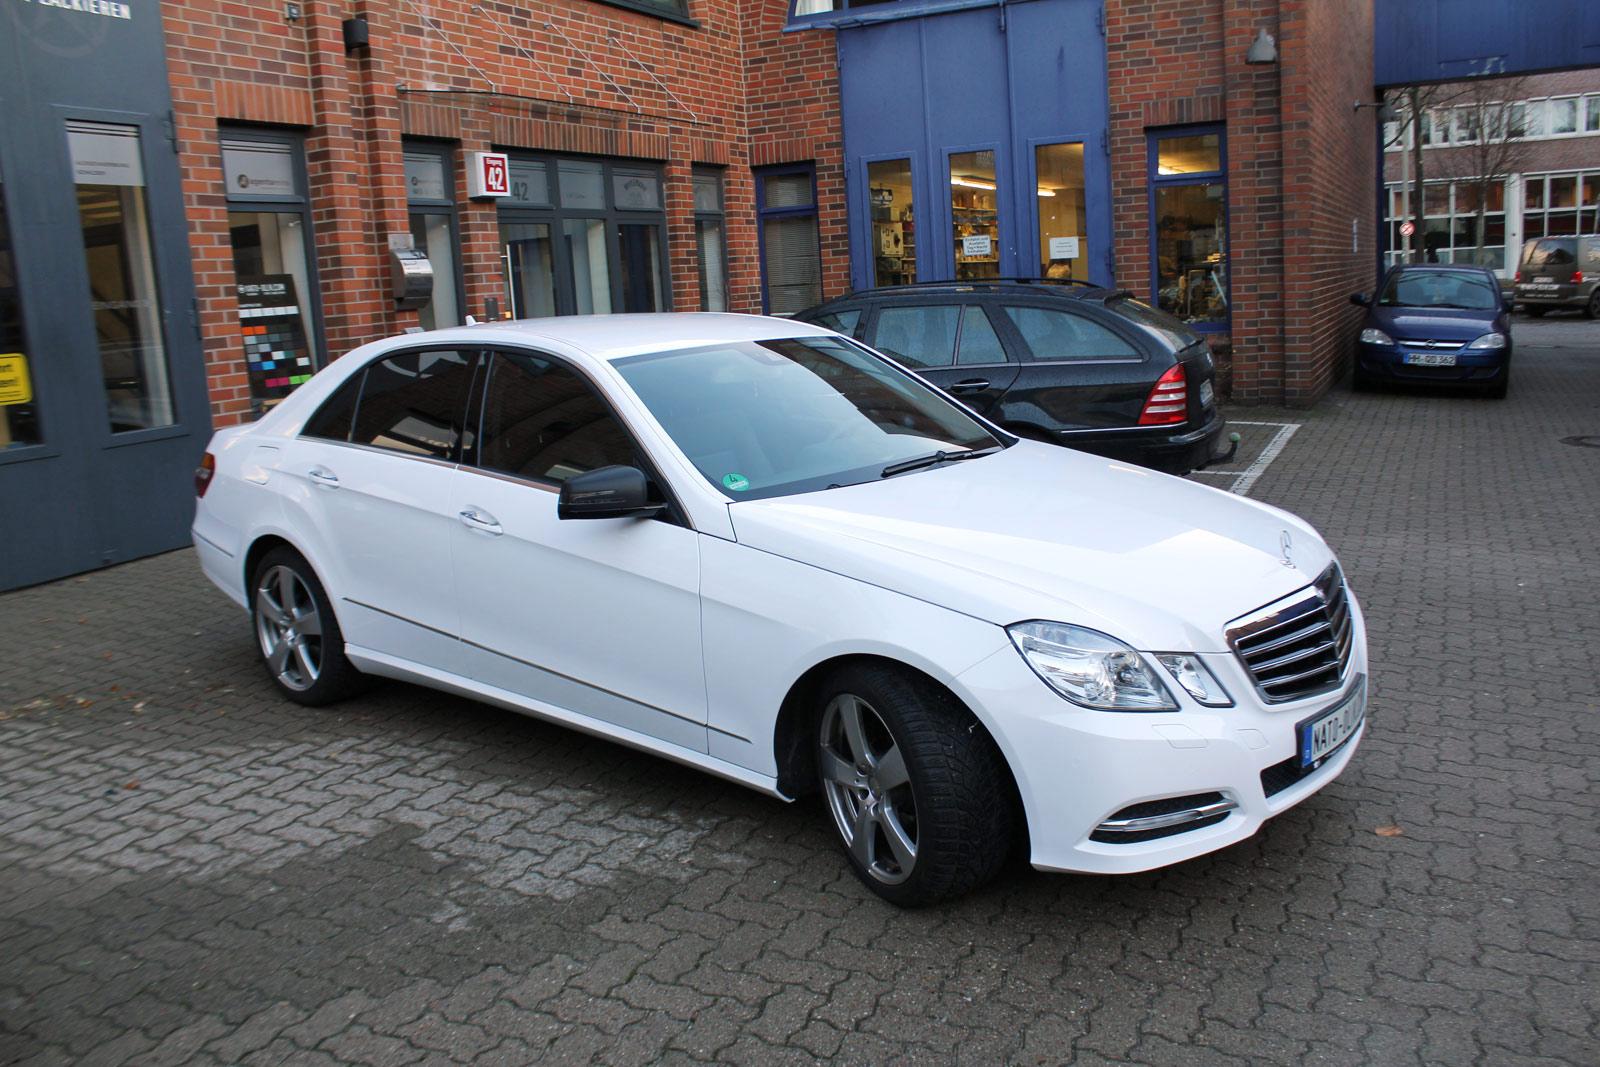 Seitenansicht der Mercedes E-Klasse in Weiß glanz komplett beklebt.